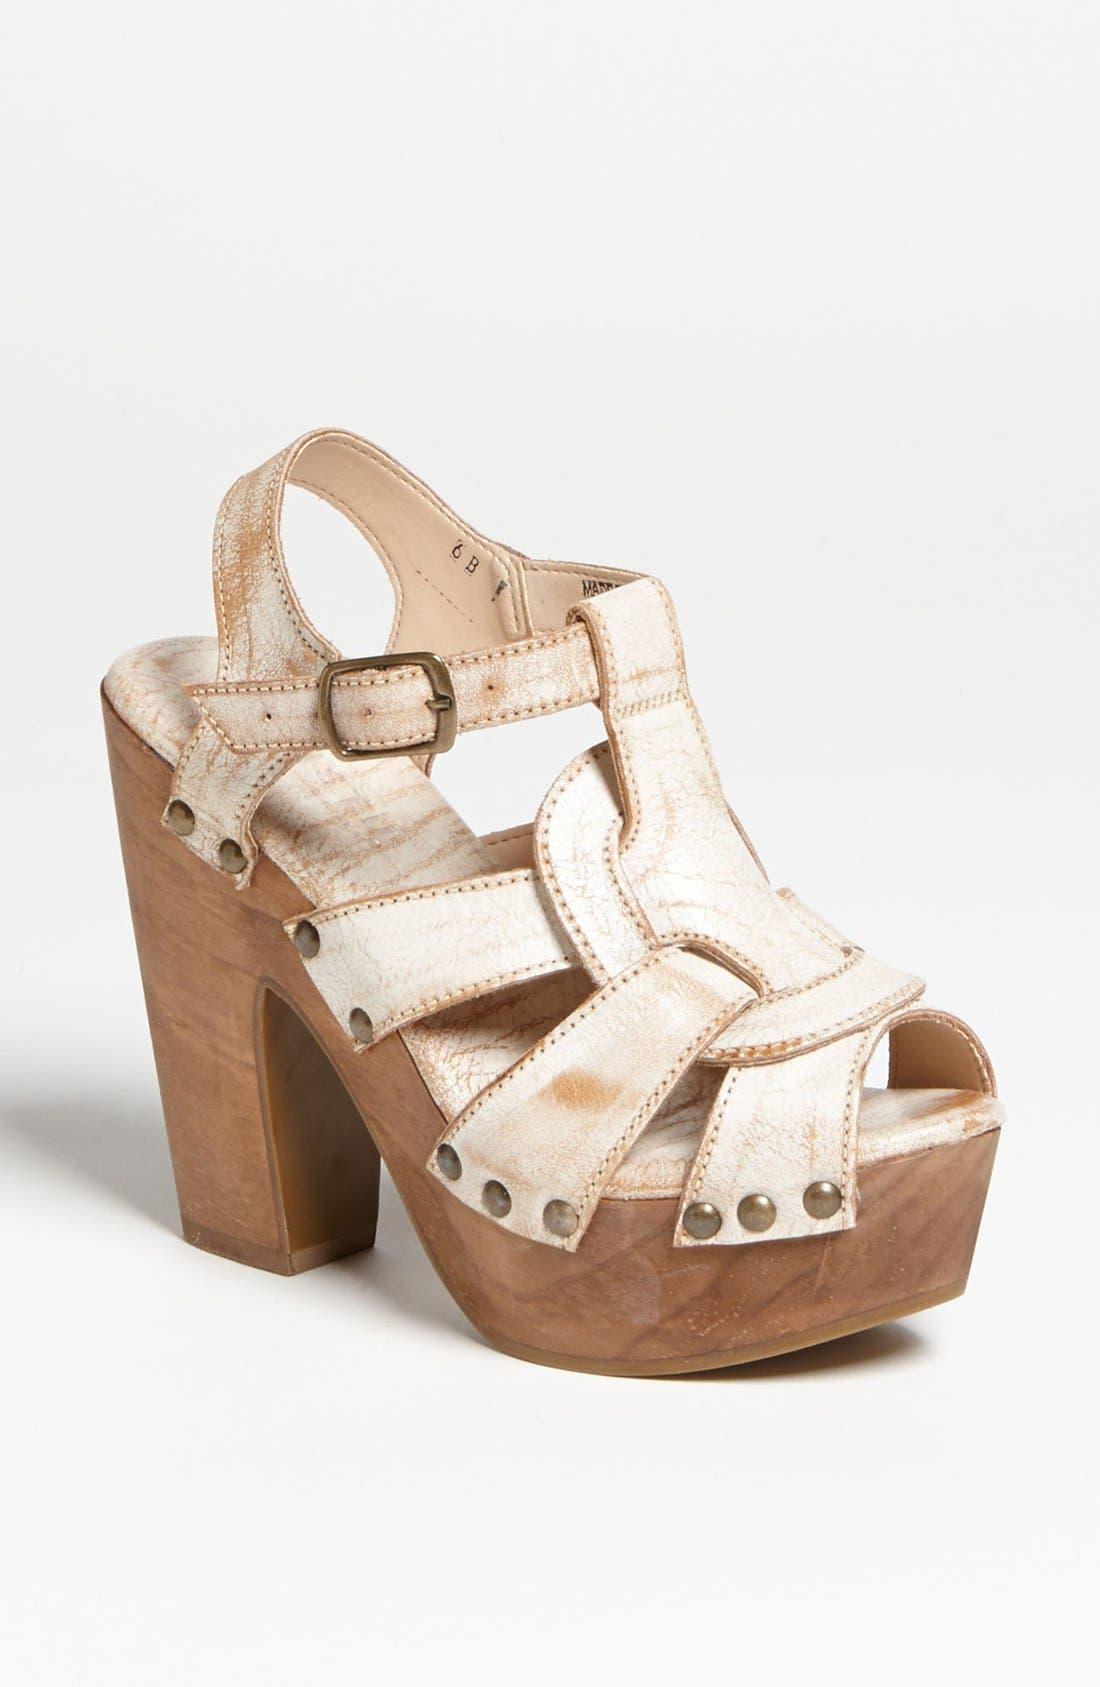 Main Image - Bed Stu 'Melissa' Sandal